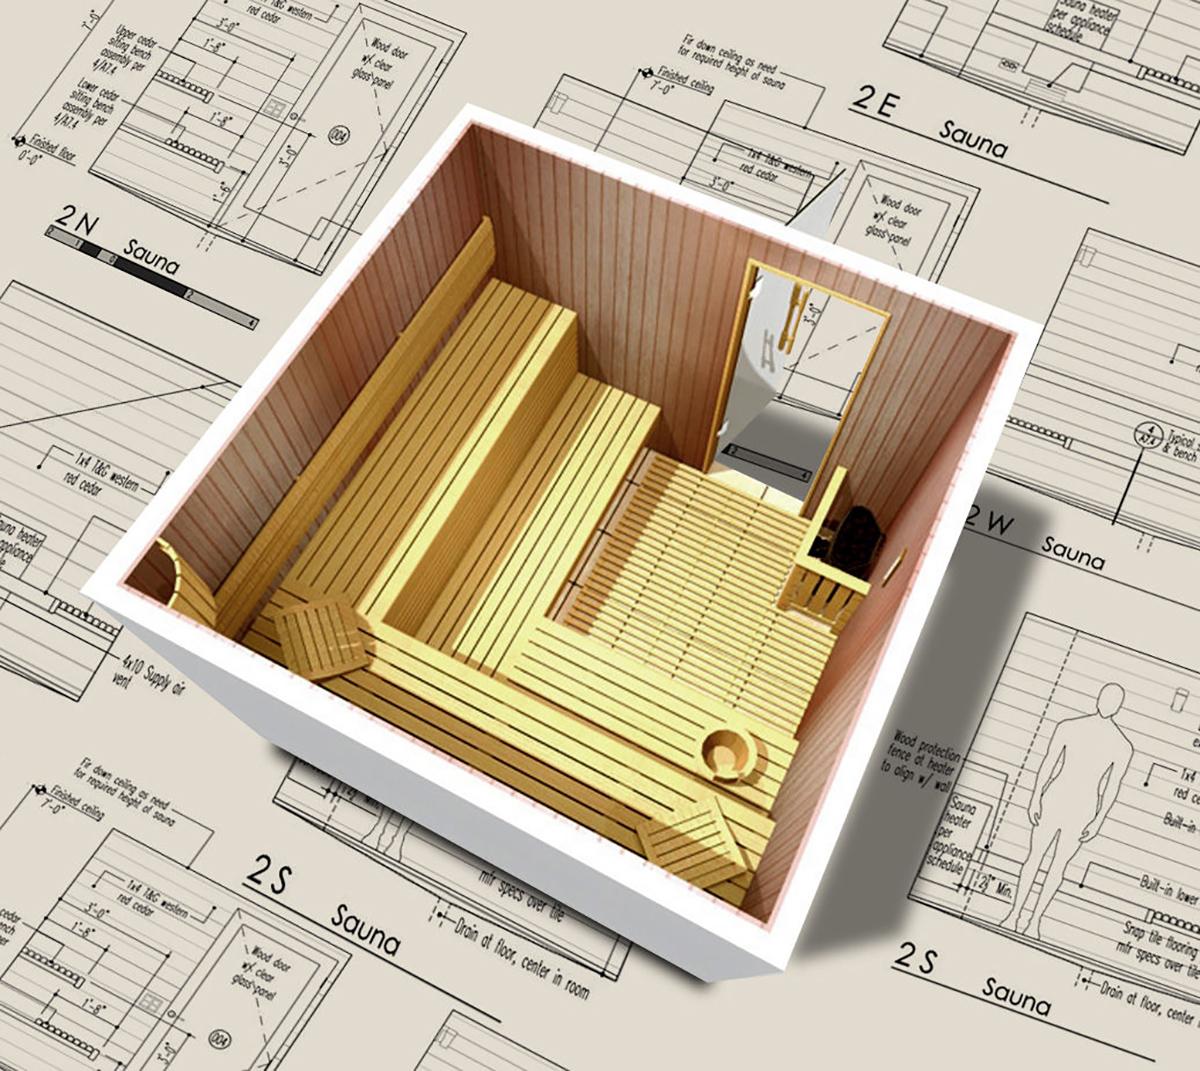 sauna projet. Black Bedroom Furniture Sets. Home Design Ideas